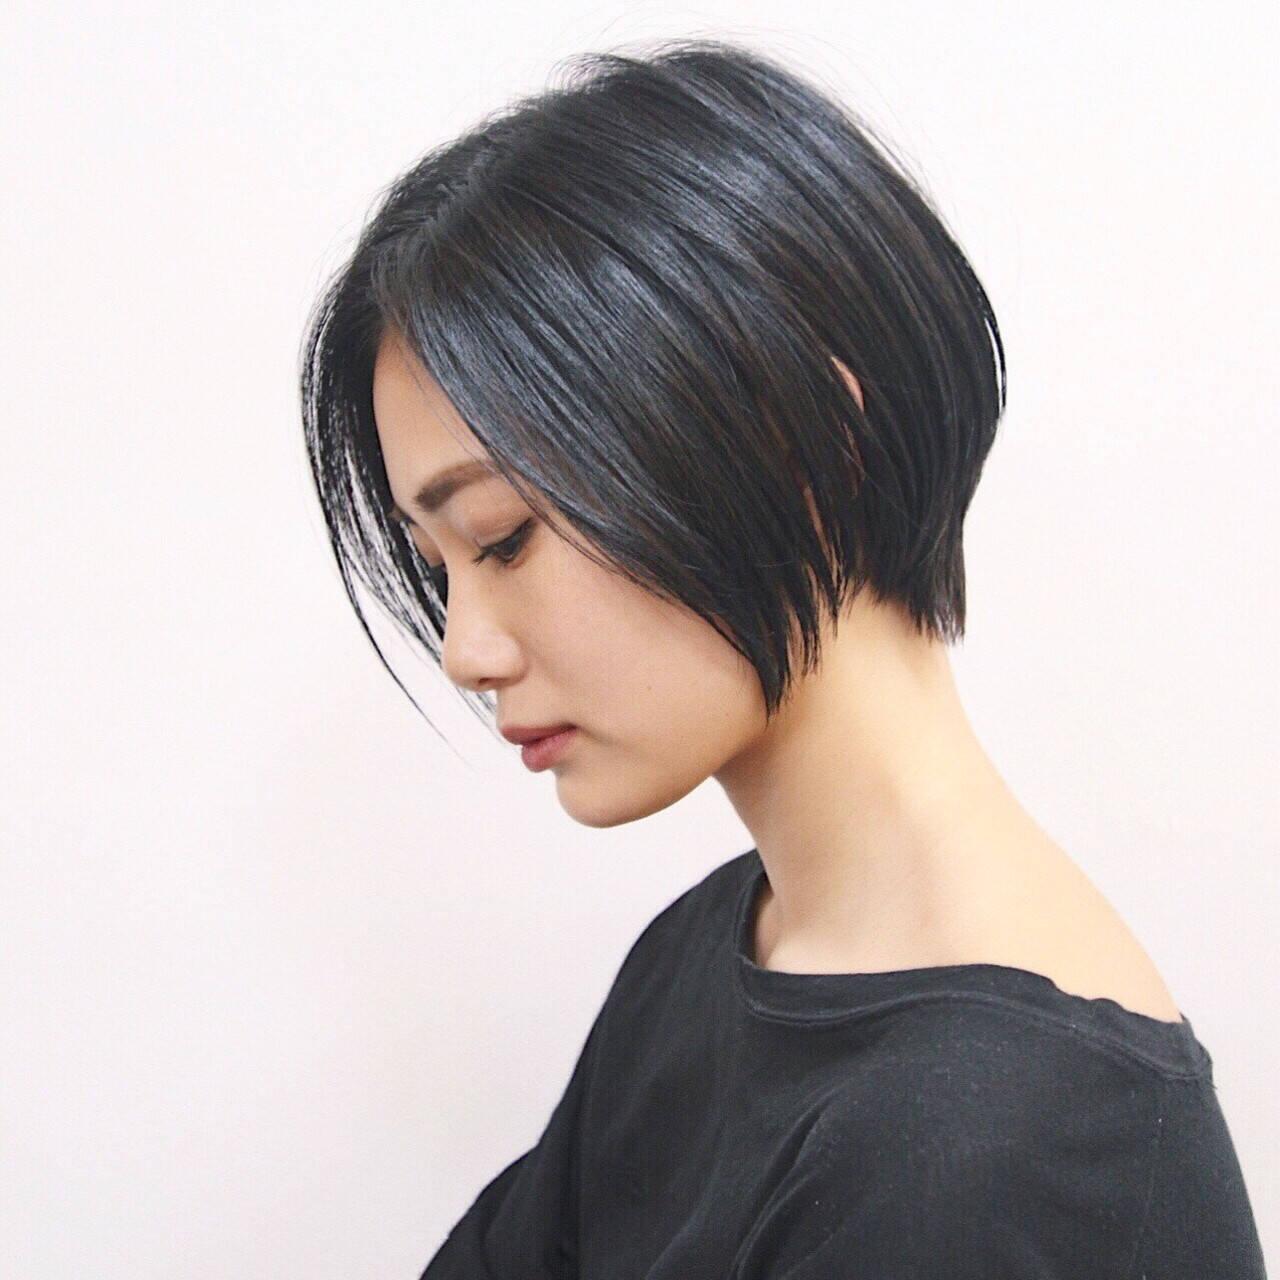 モード ハンサムショート ショートボブ ベリーショートヘアスタイルや髪型の写真・画像